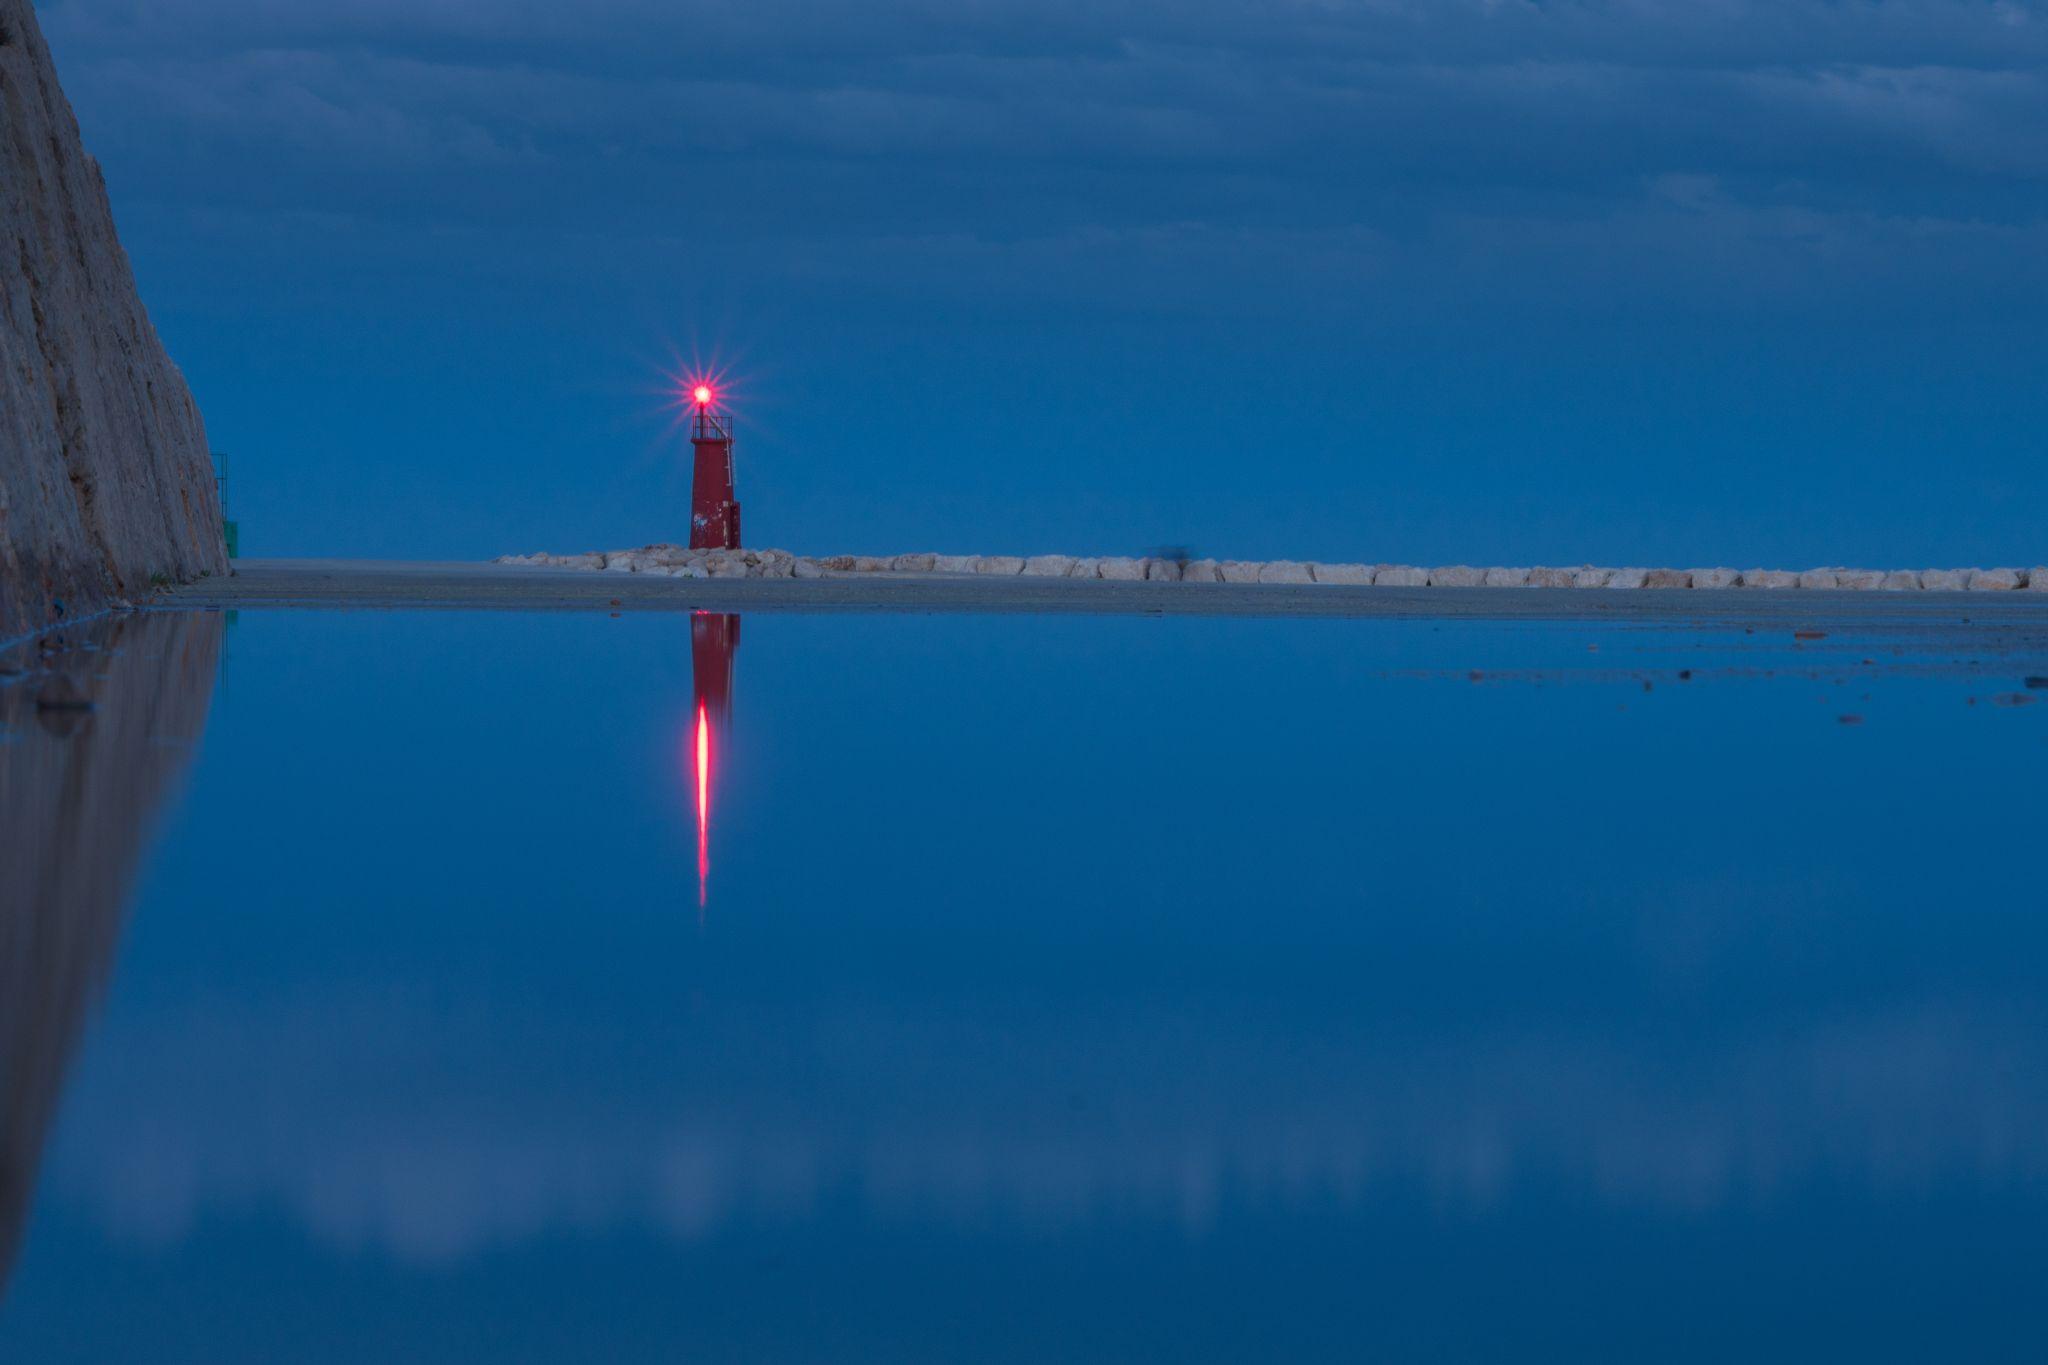 Lighthouse, Denià harbour, Spain